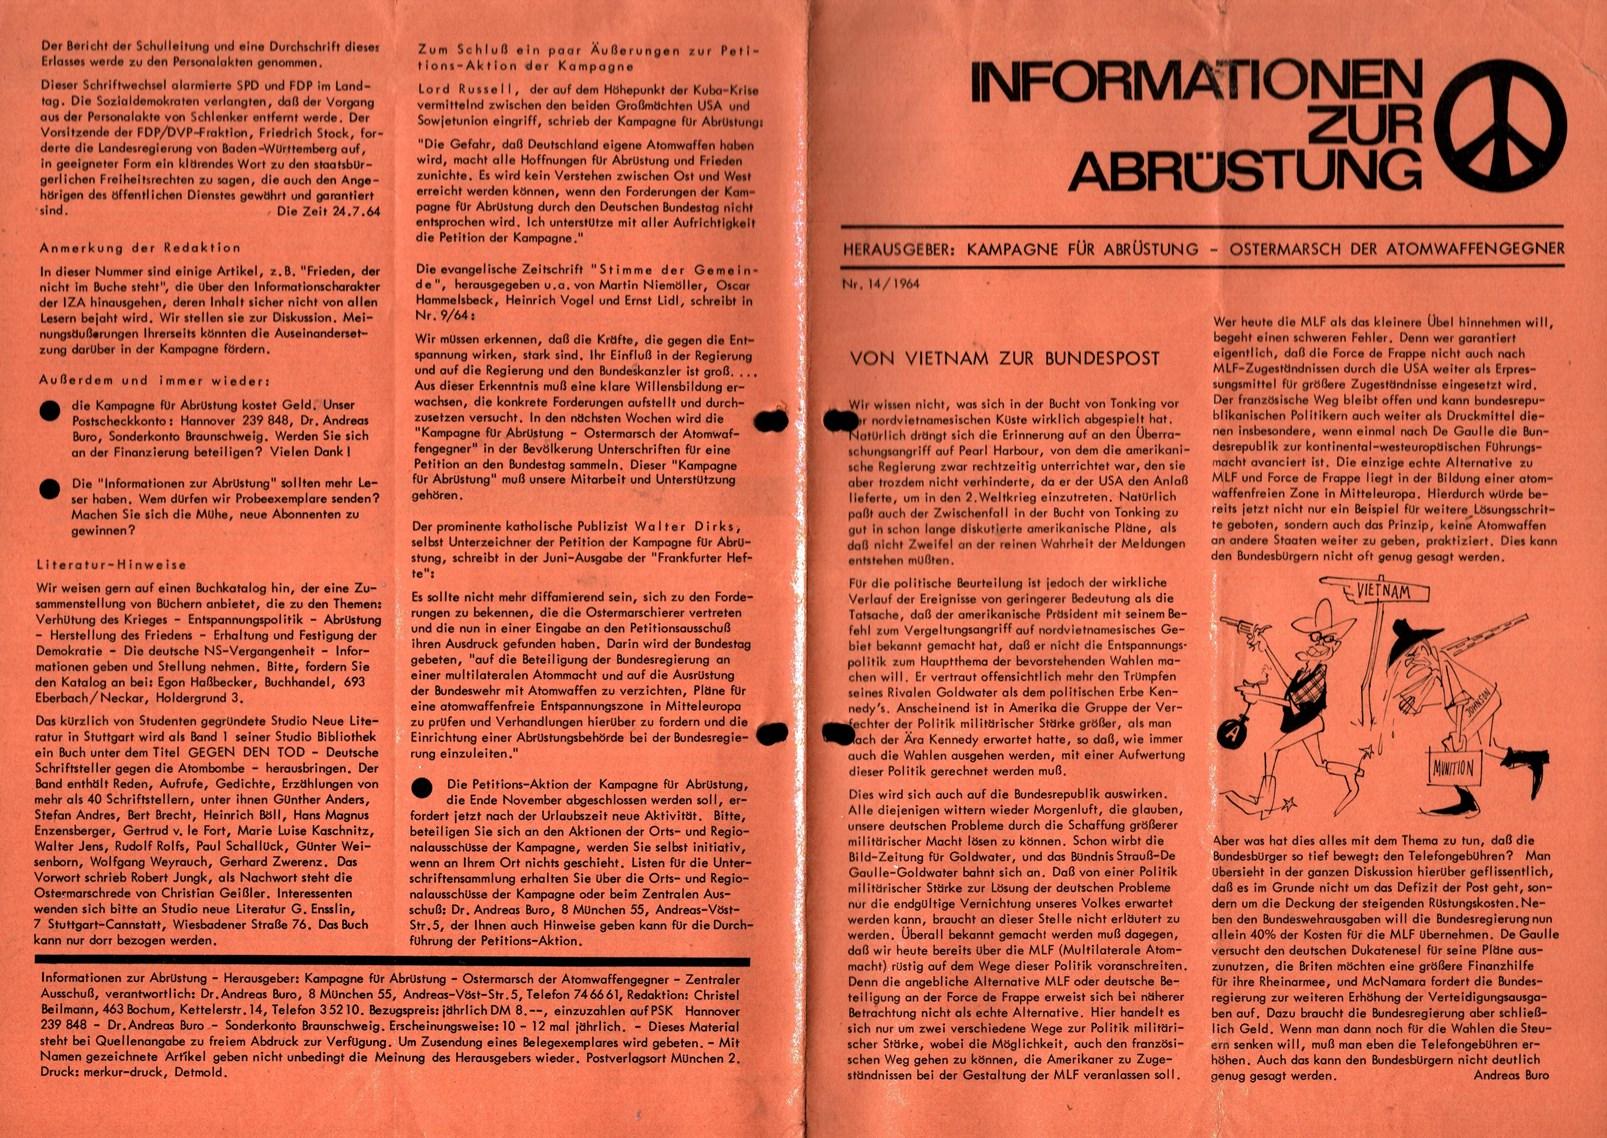 Infos_zur_Abruestung_1964_014_001